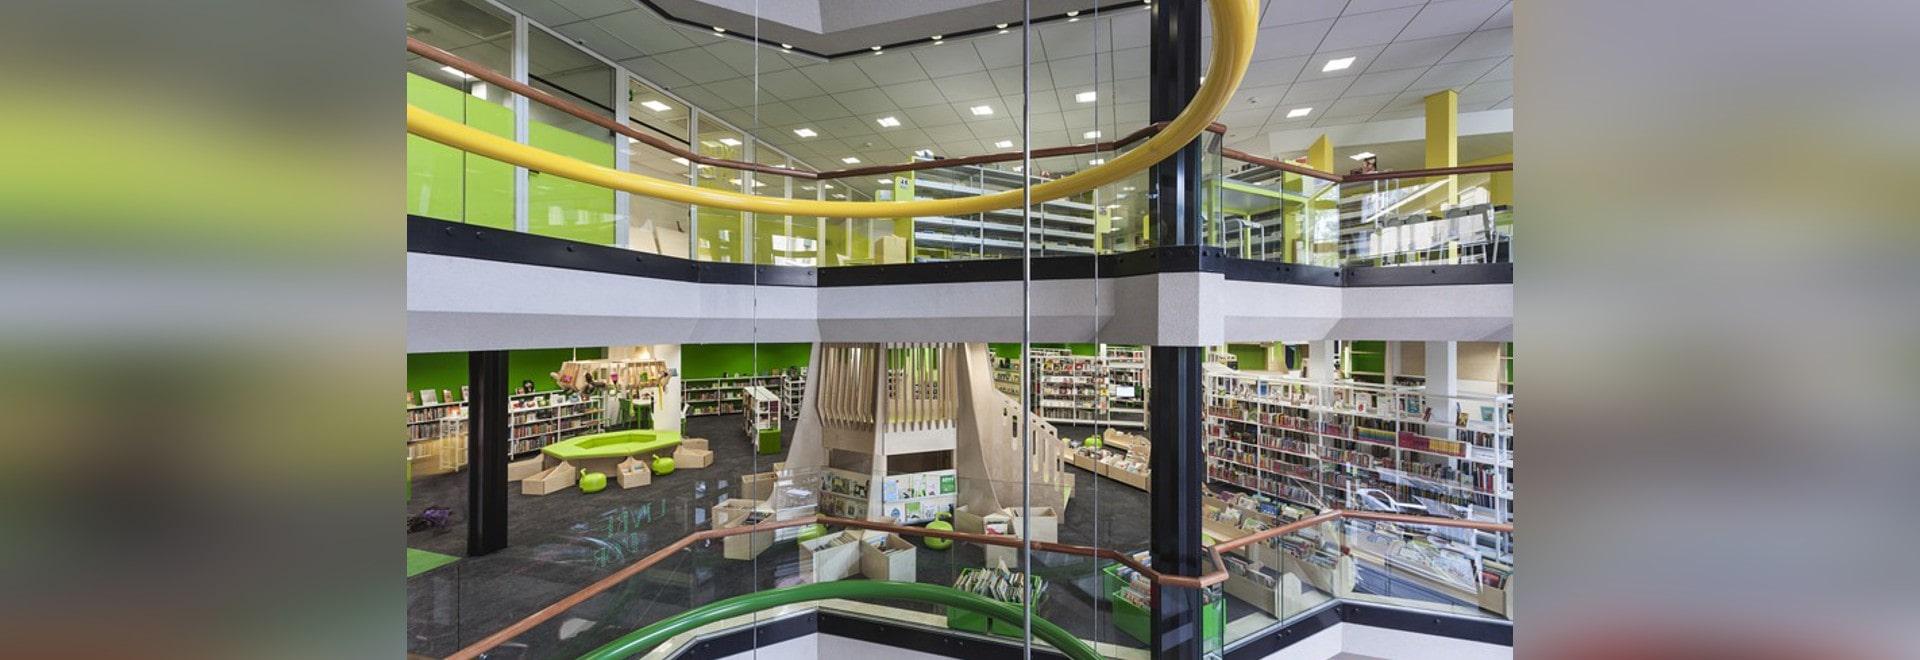 el crasset del matali inyecta color en la renovación de la biblioteca del cité de Ginebra